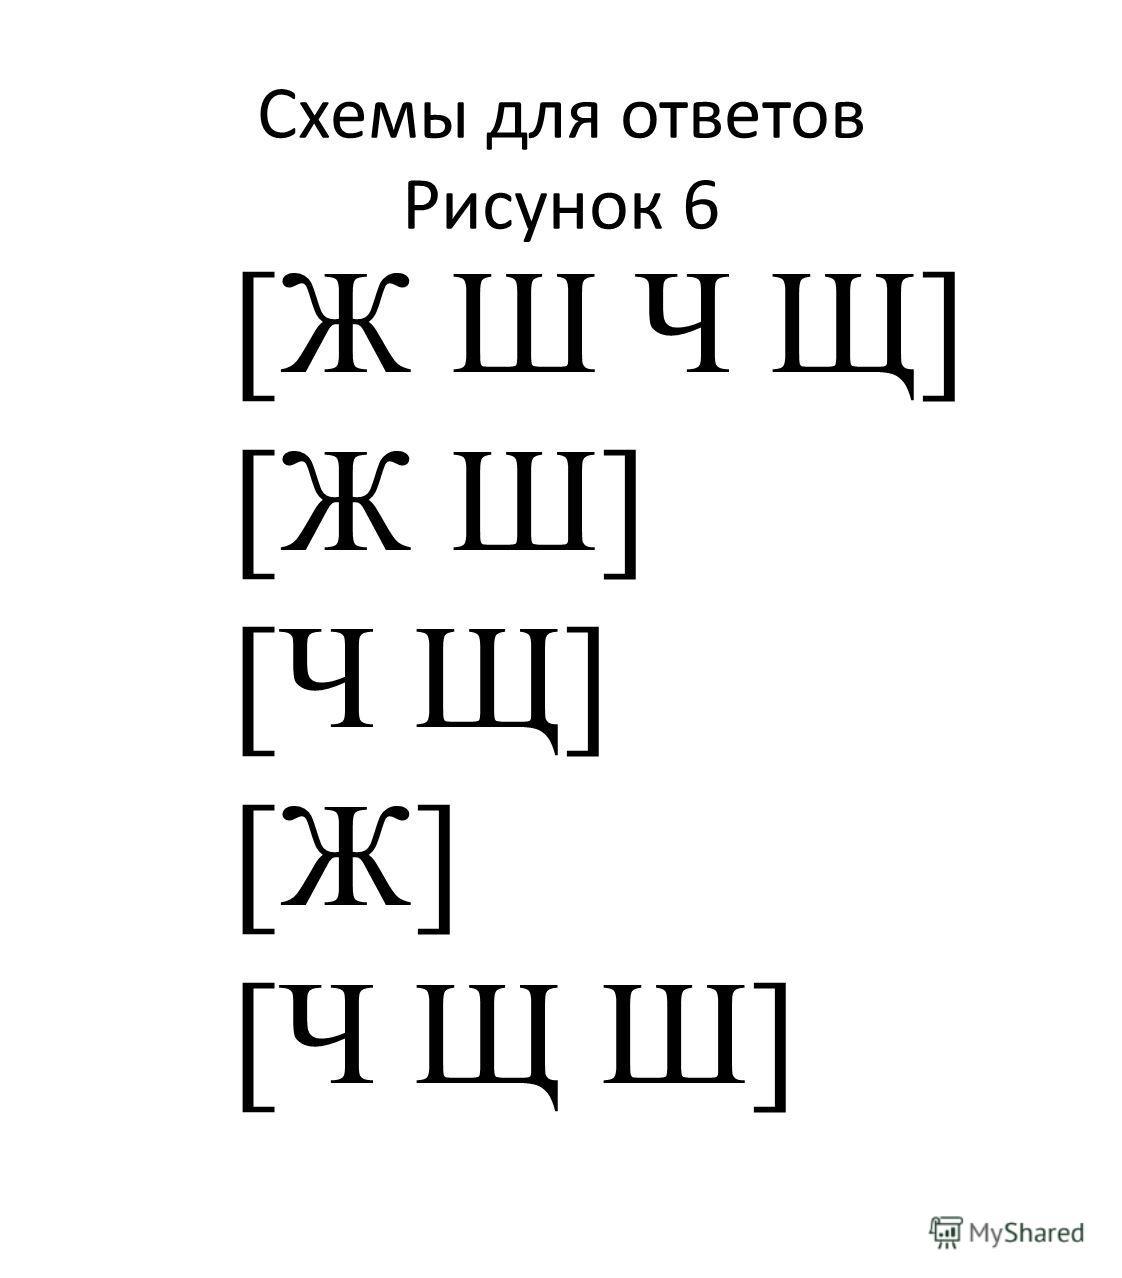 [Ж Ш Ч Щ] [Ж Ш] [Ч Щ] [Ж] [Ч Щ Ш] Схемы для ответов Рисунок 6